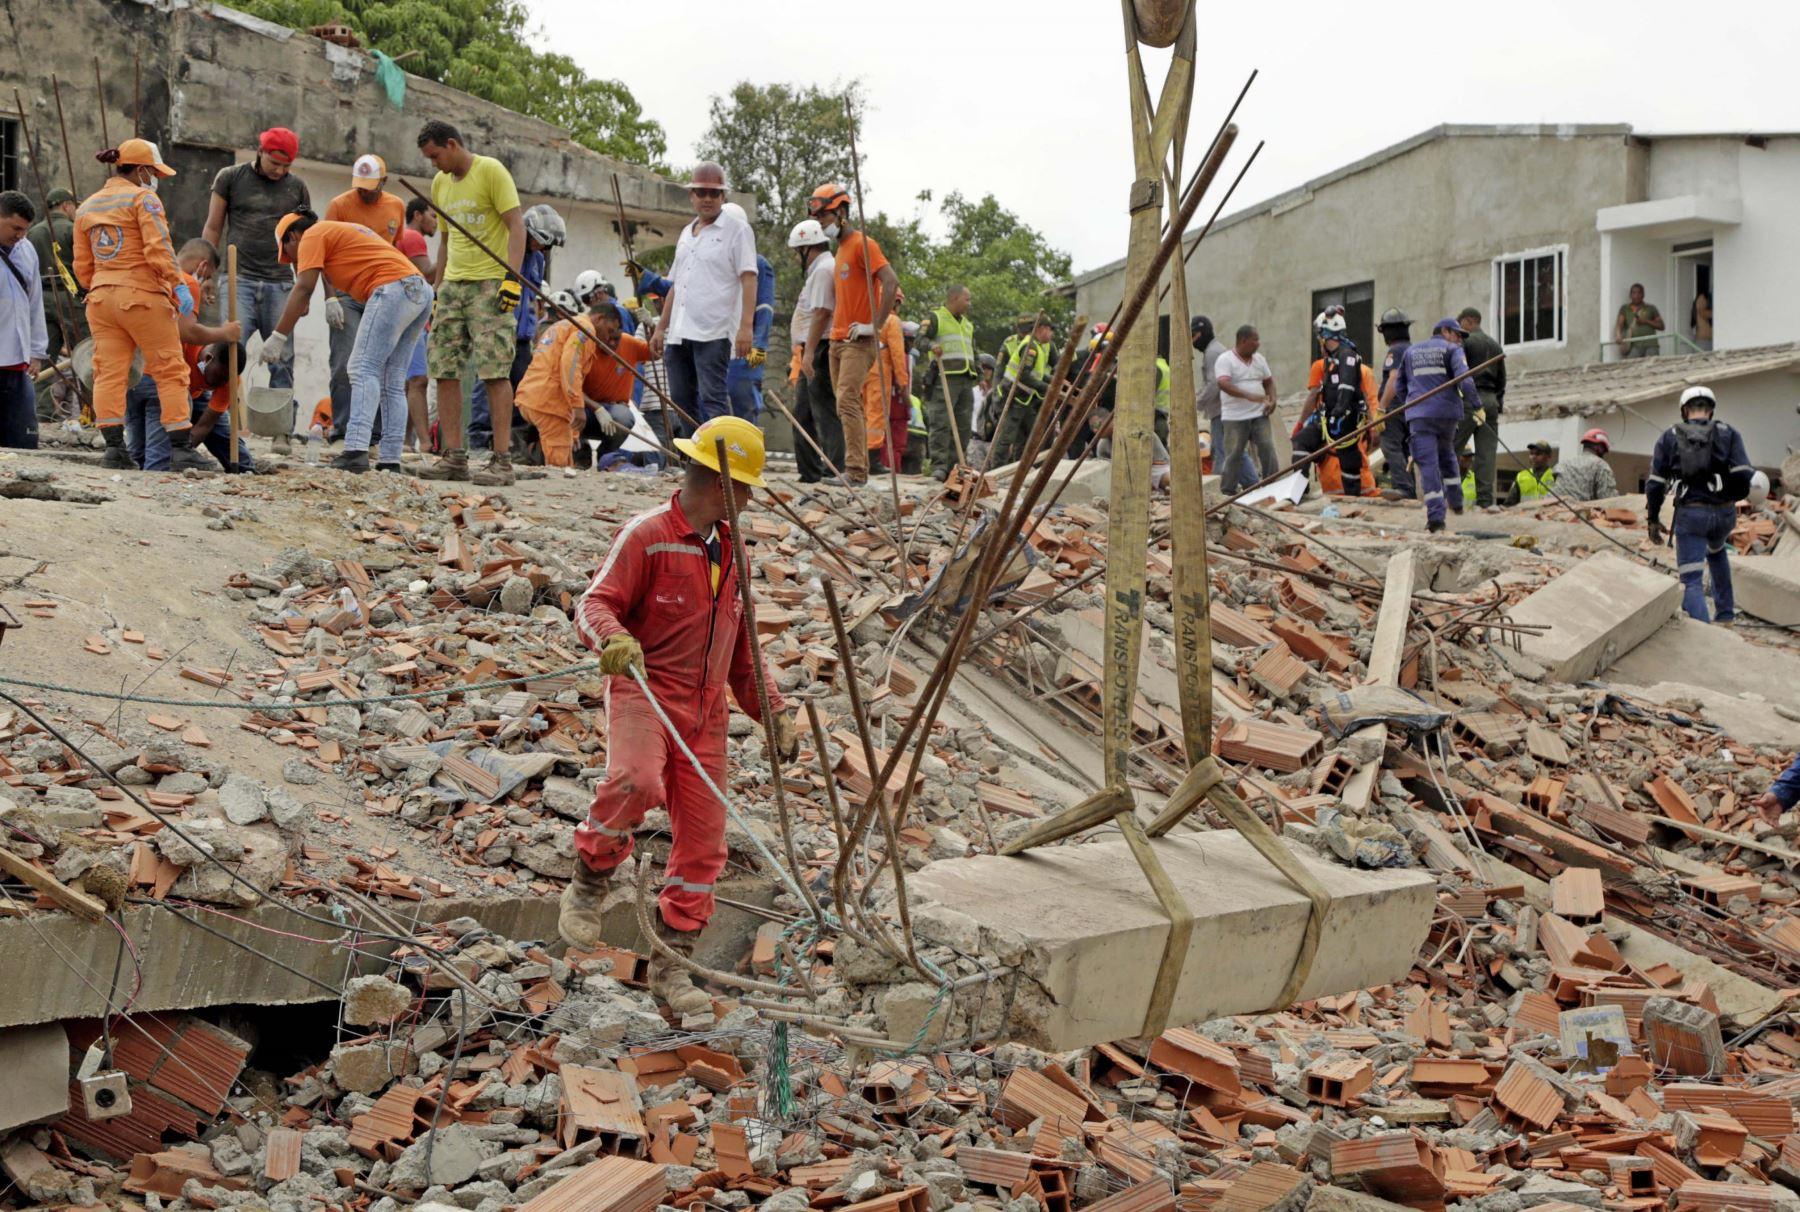 Al menos tres personas murieron y ocho resultaron heridas por el derrumbe de un edificio en construcción en Cartagena de Indias,Colombia. Foto: EFE